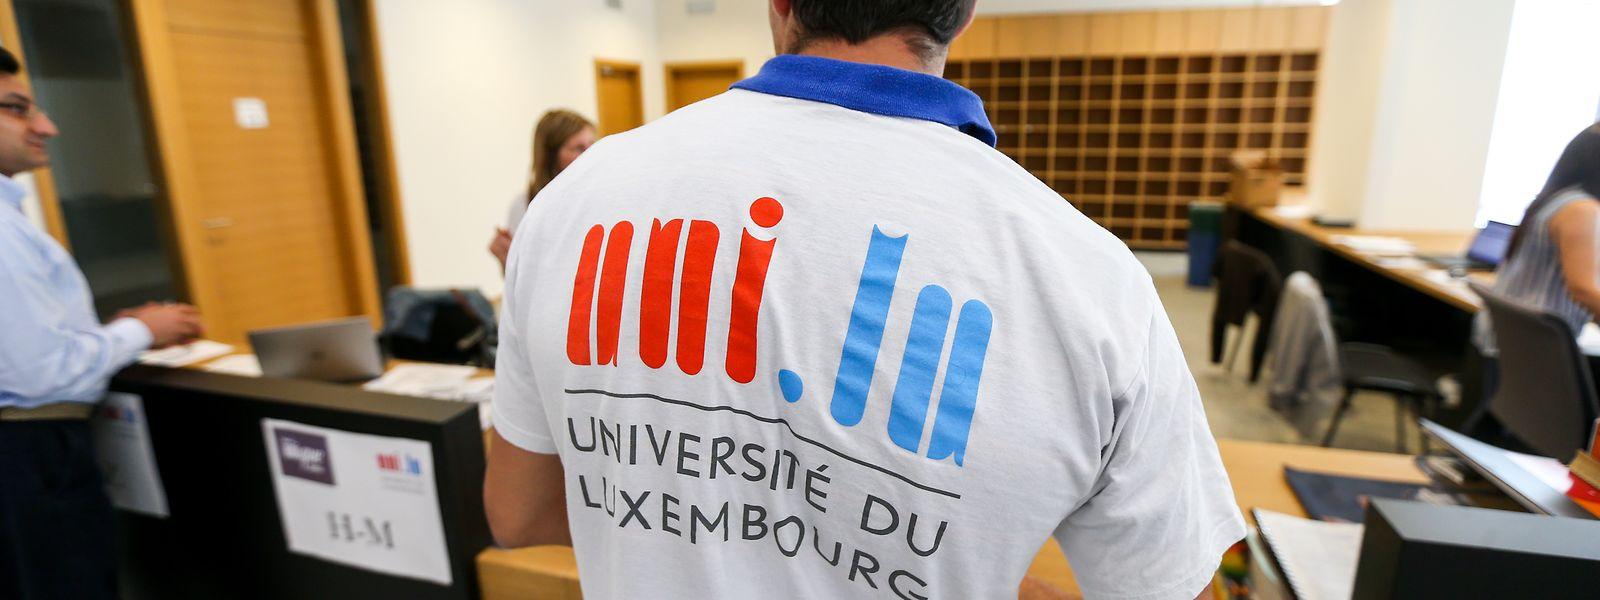 L'université a multiplié les gestes de soutien aux étudiants en difficulté dès le printemps 2020.